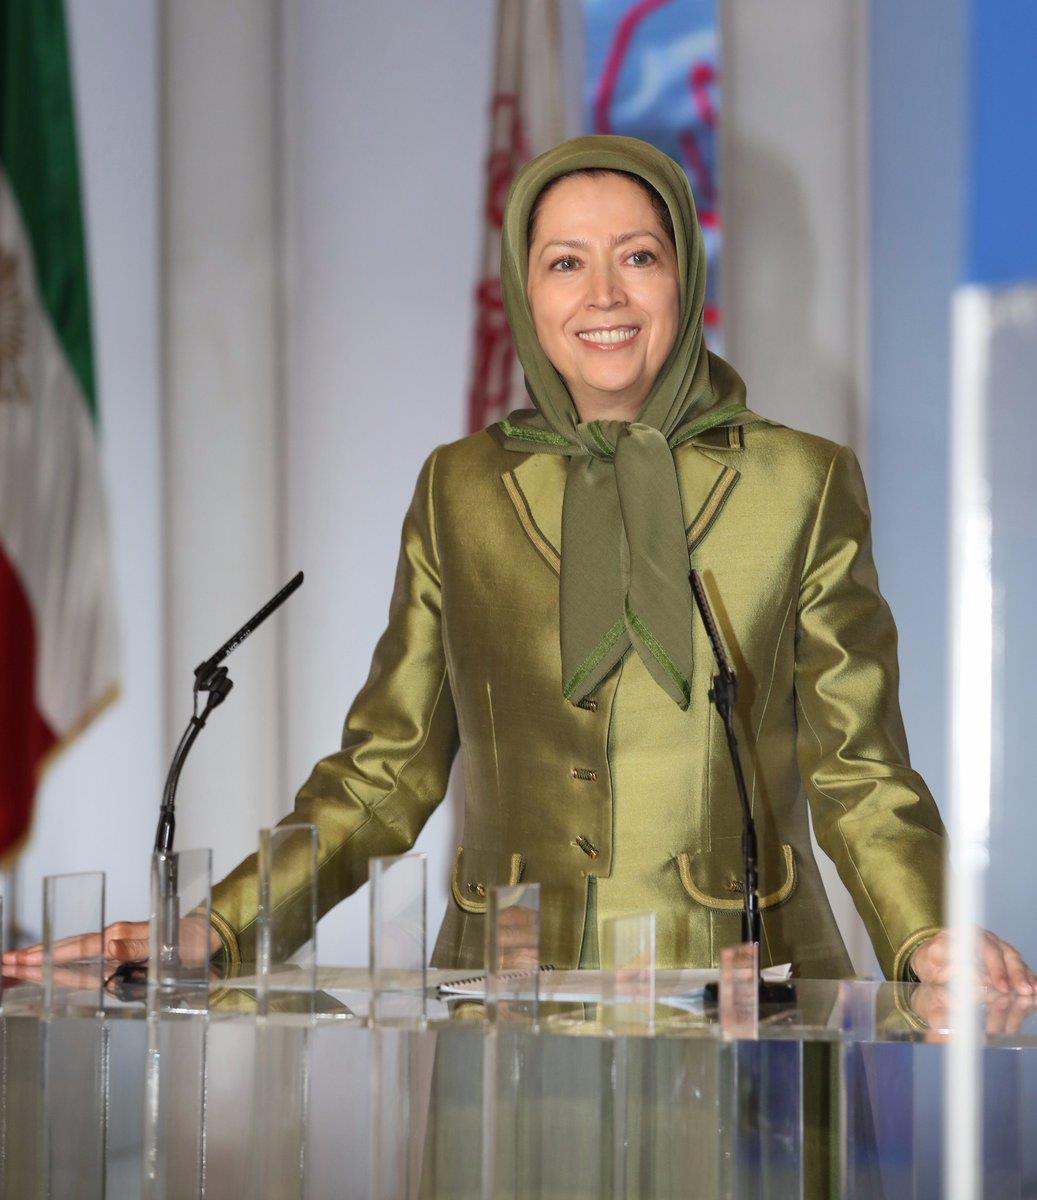 مسئول اول سازمان مجاهدین؛ مريم رجوی